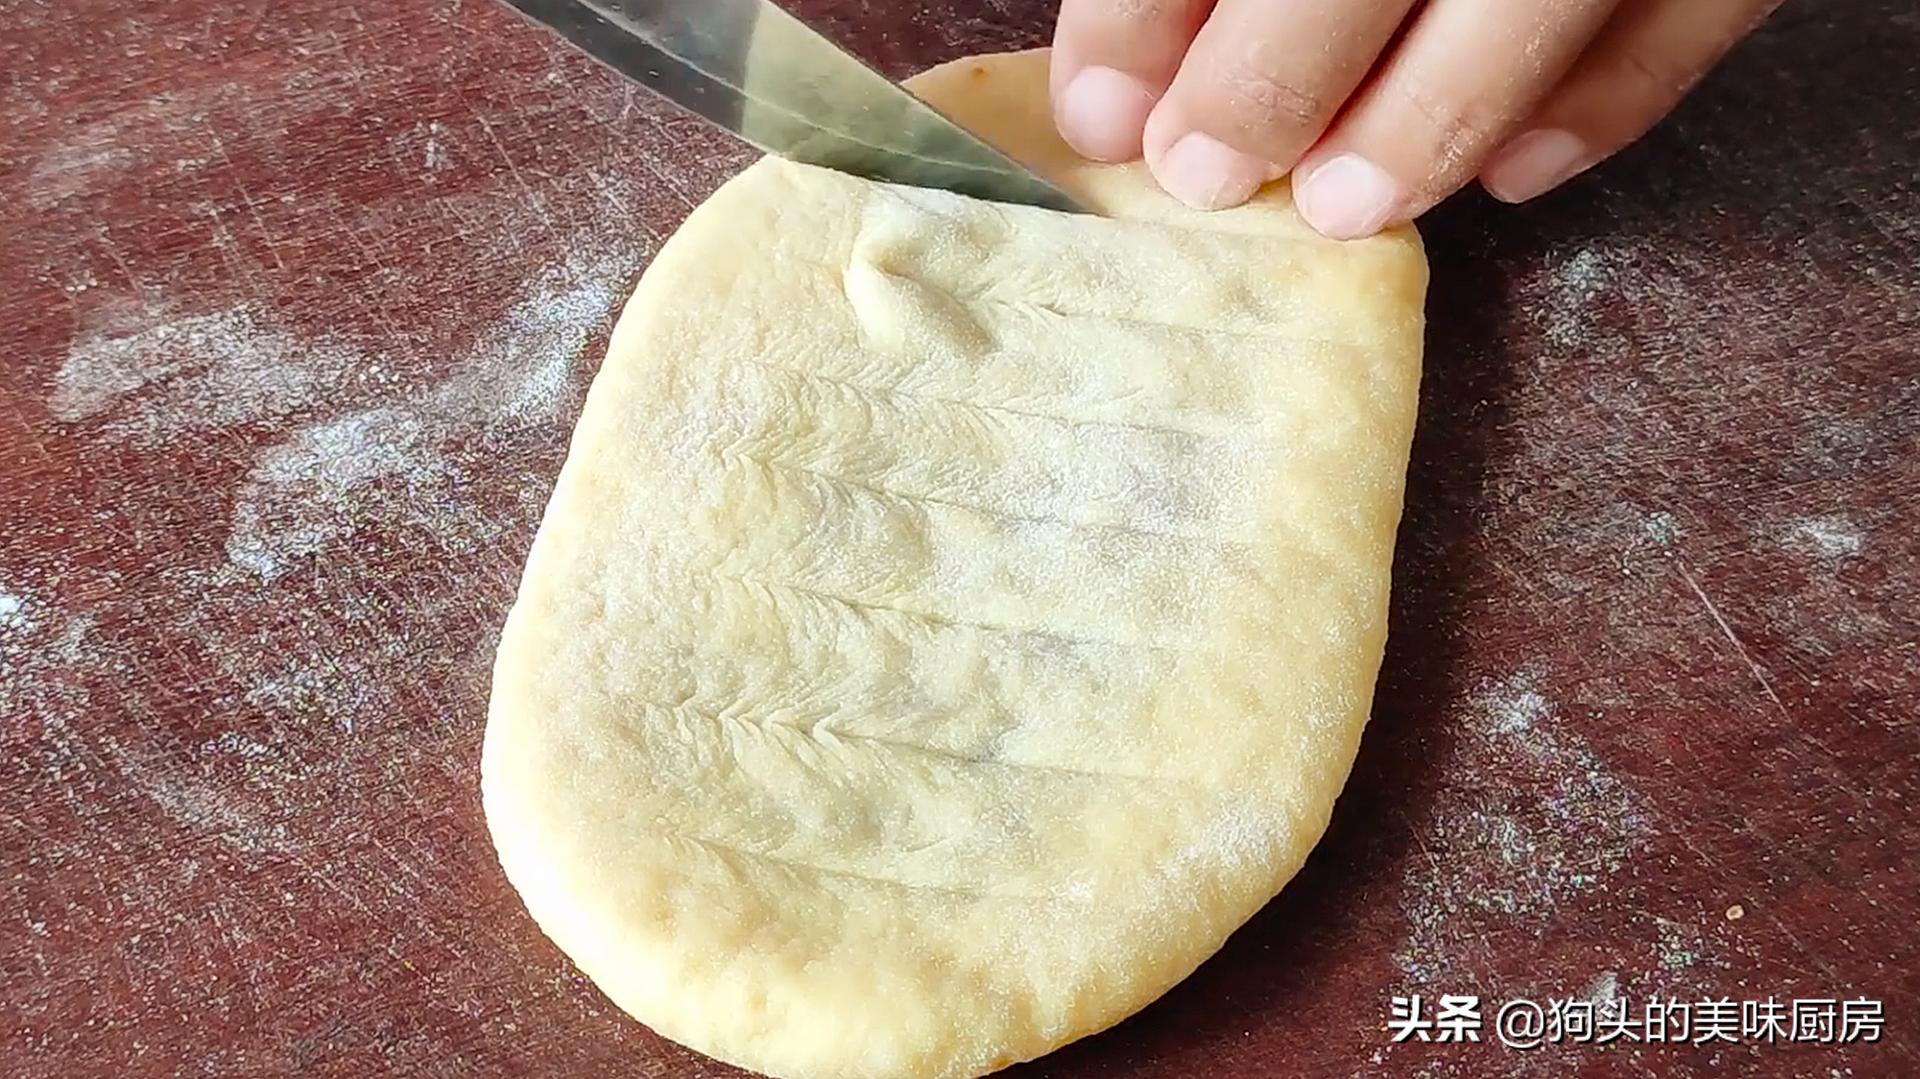 面粉不要做包子馒头了,教你新做法,不蒸也不烤,上桌就扫光 美食做法 第16张